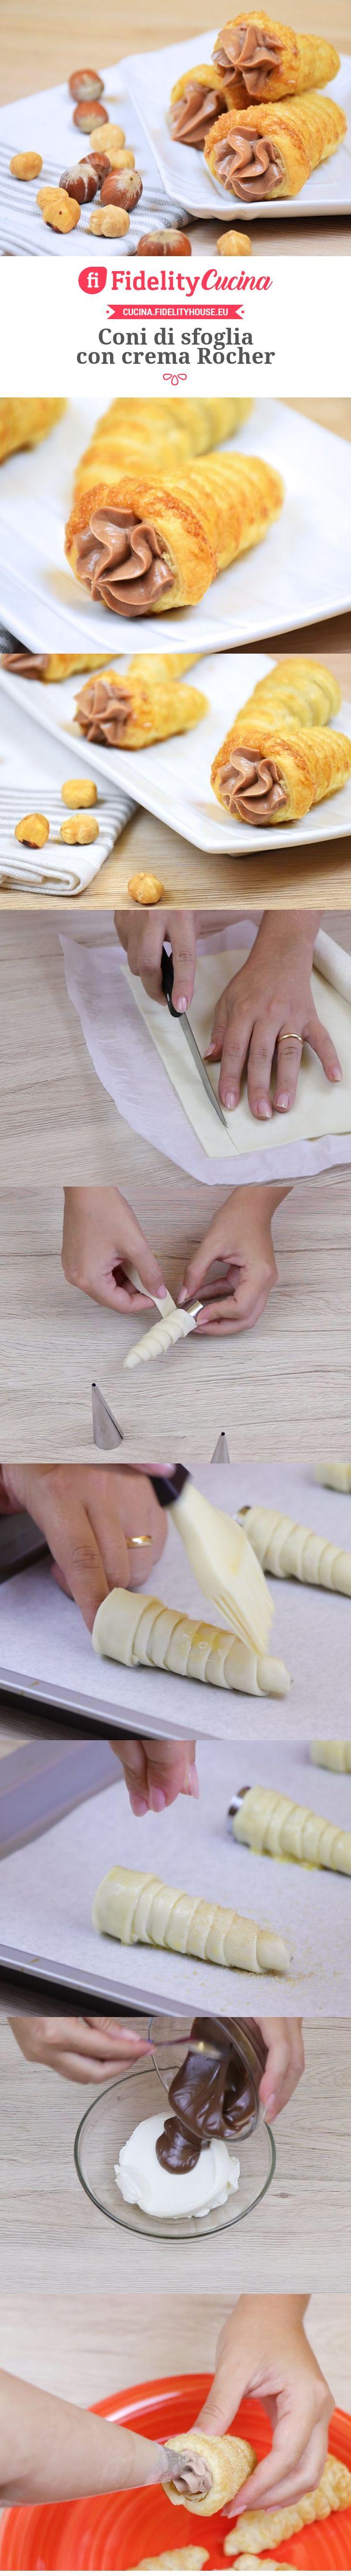 Coni di sfoglia con crema Rocher